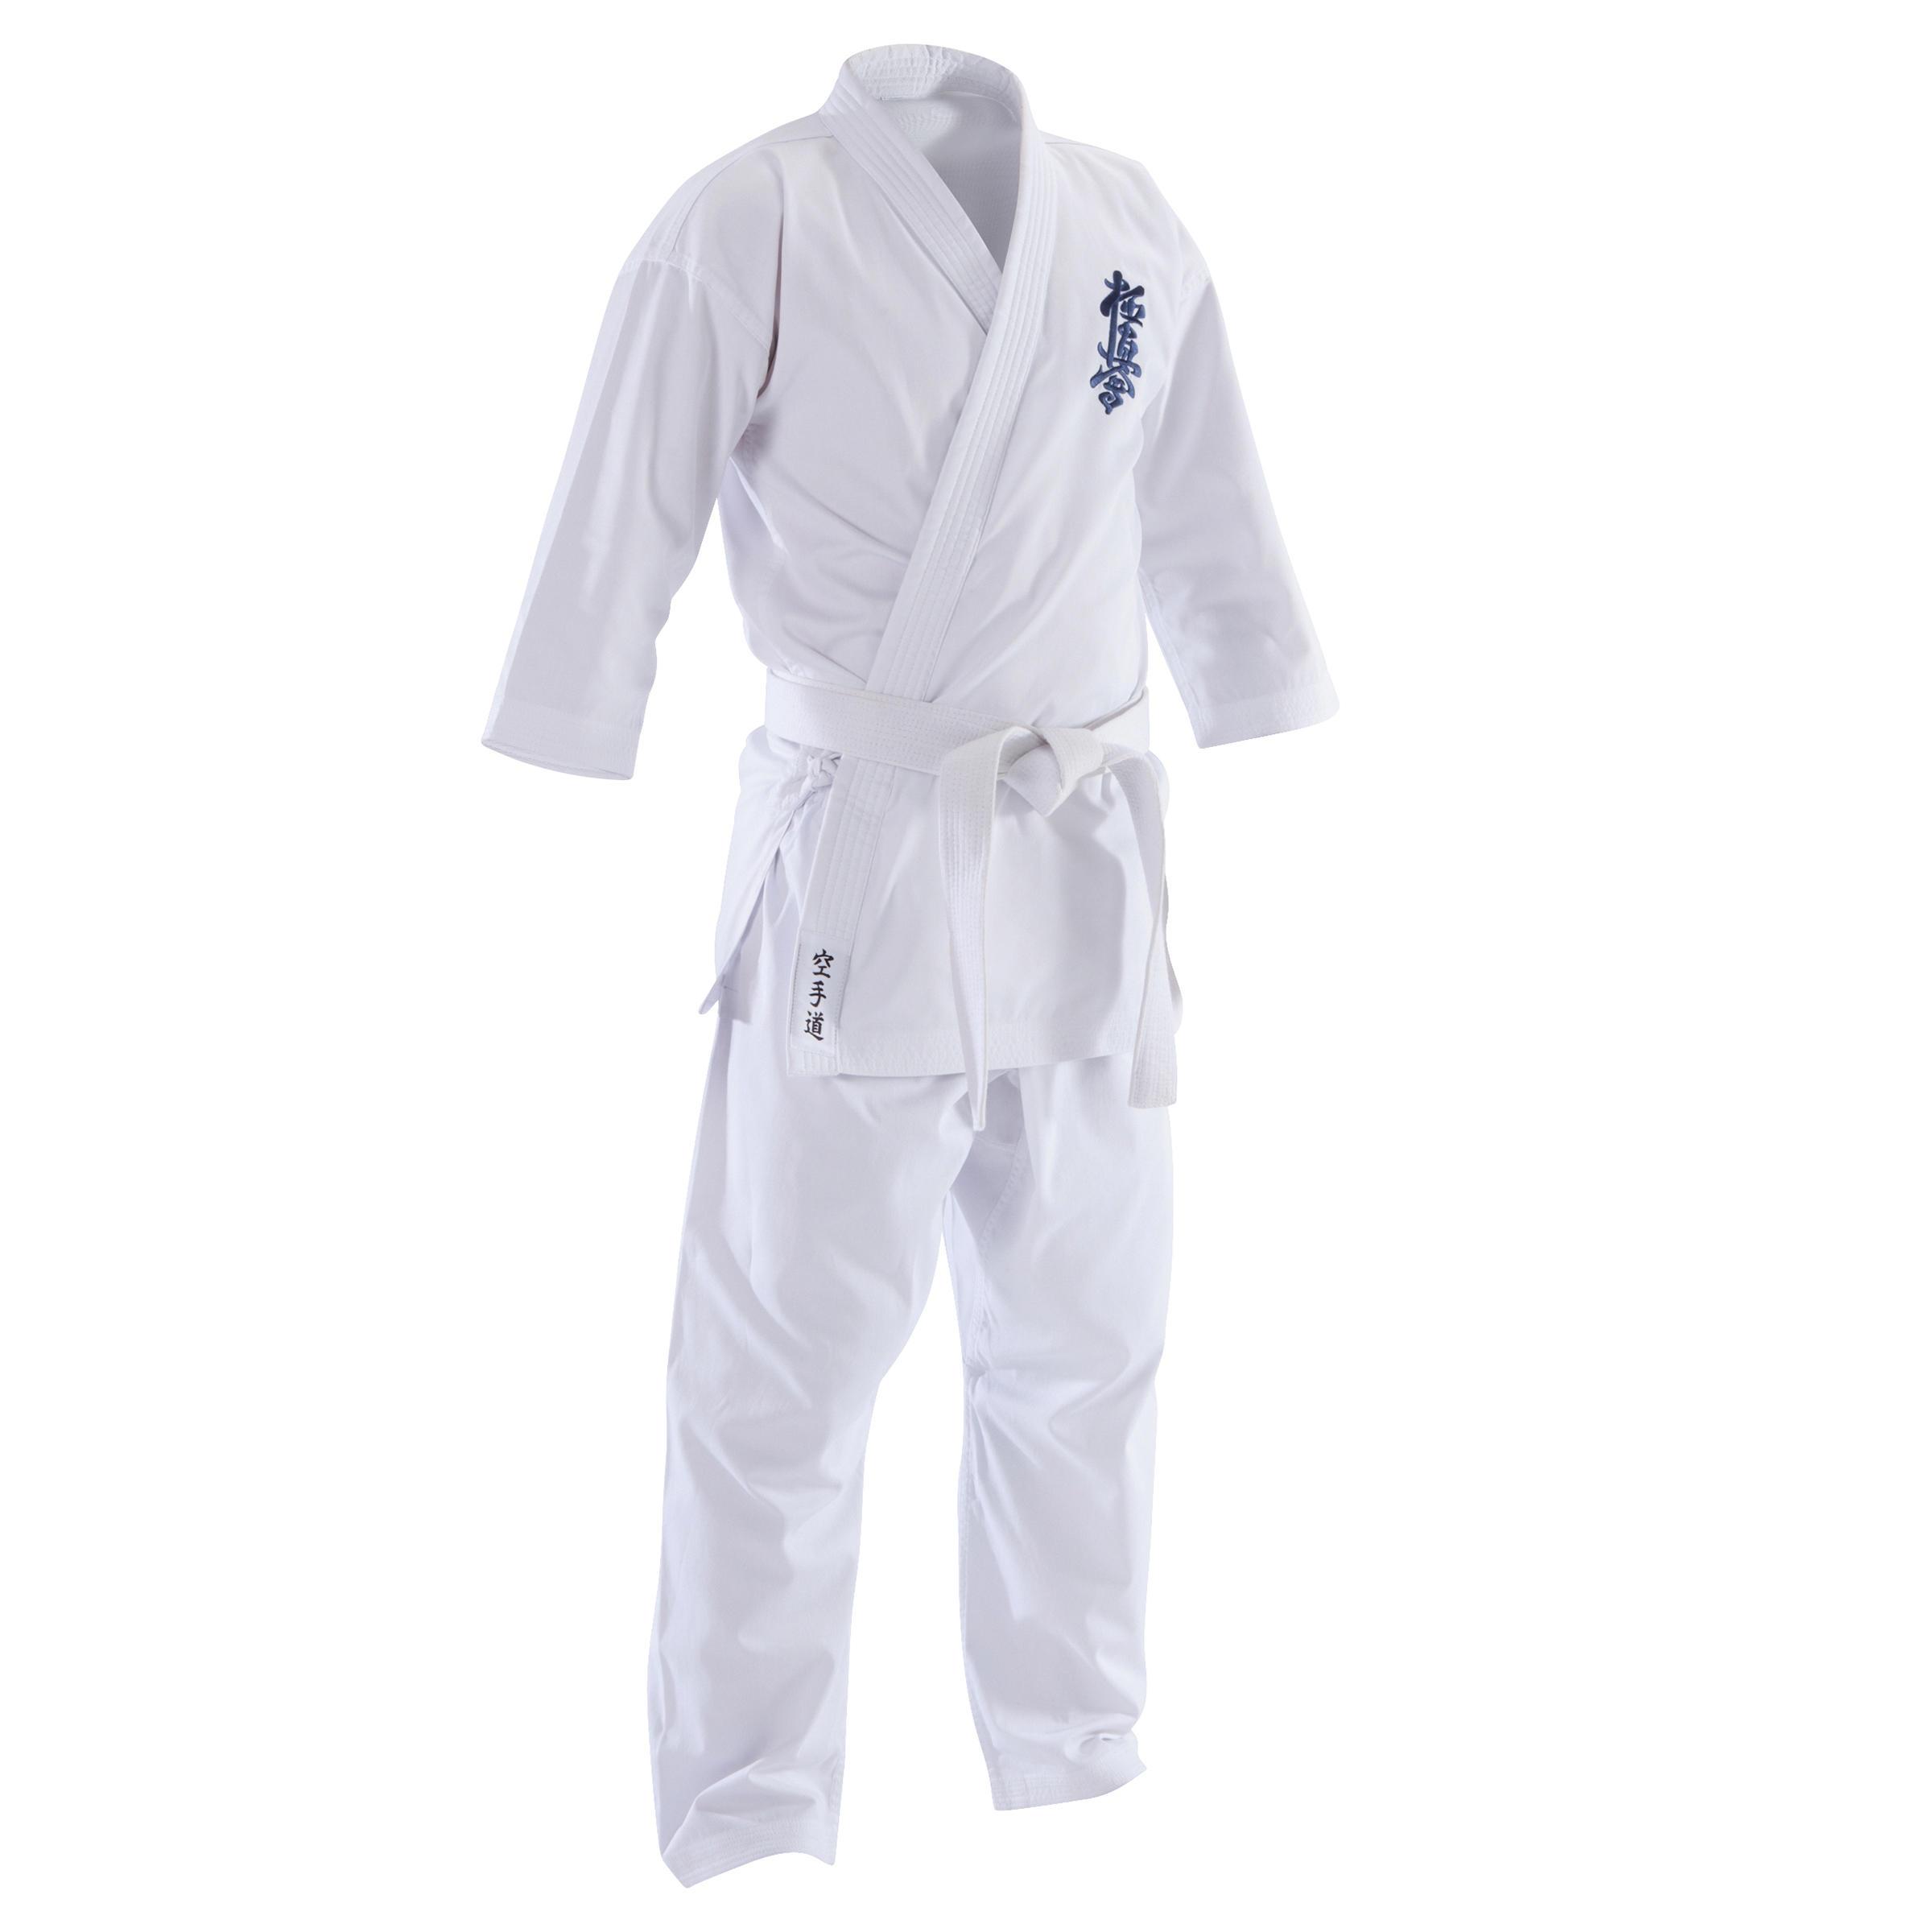 Kimono Karate Kyokushin 100